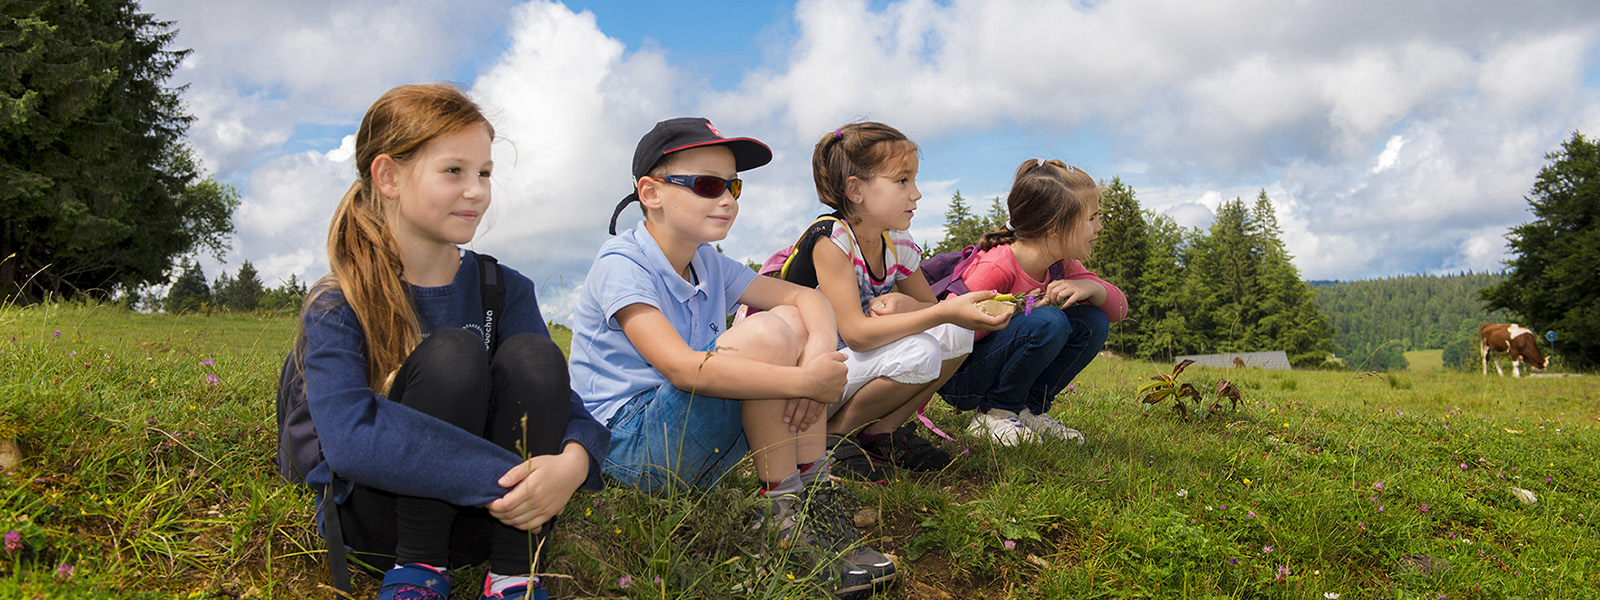 Vacances d'été dans le Jura - Village Vacances Neige & Plein Air